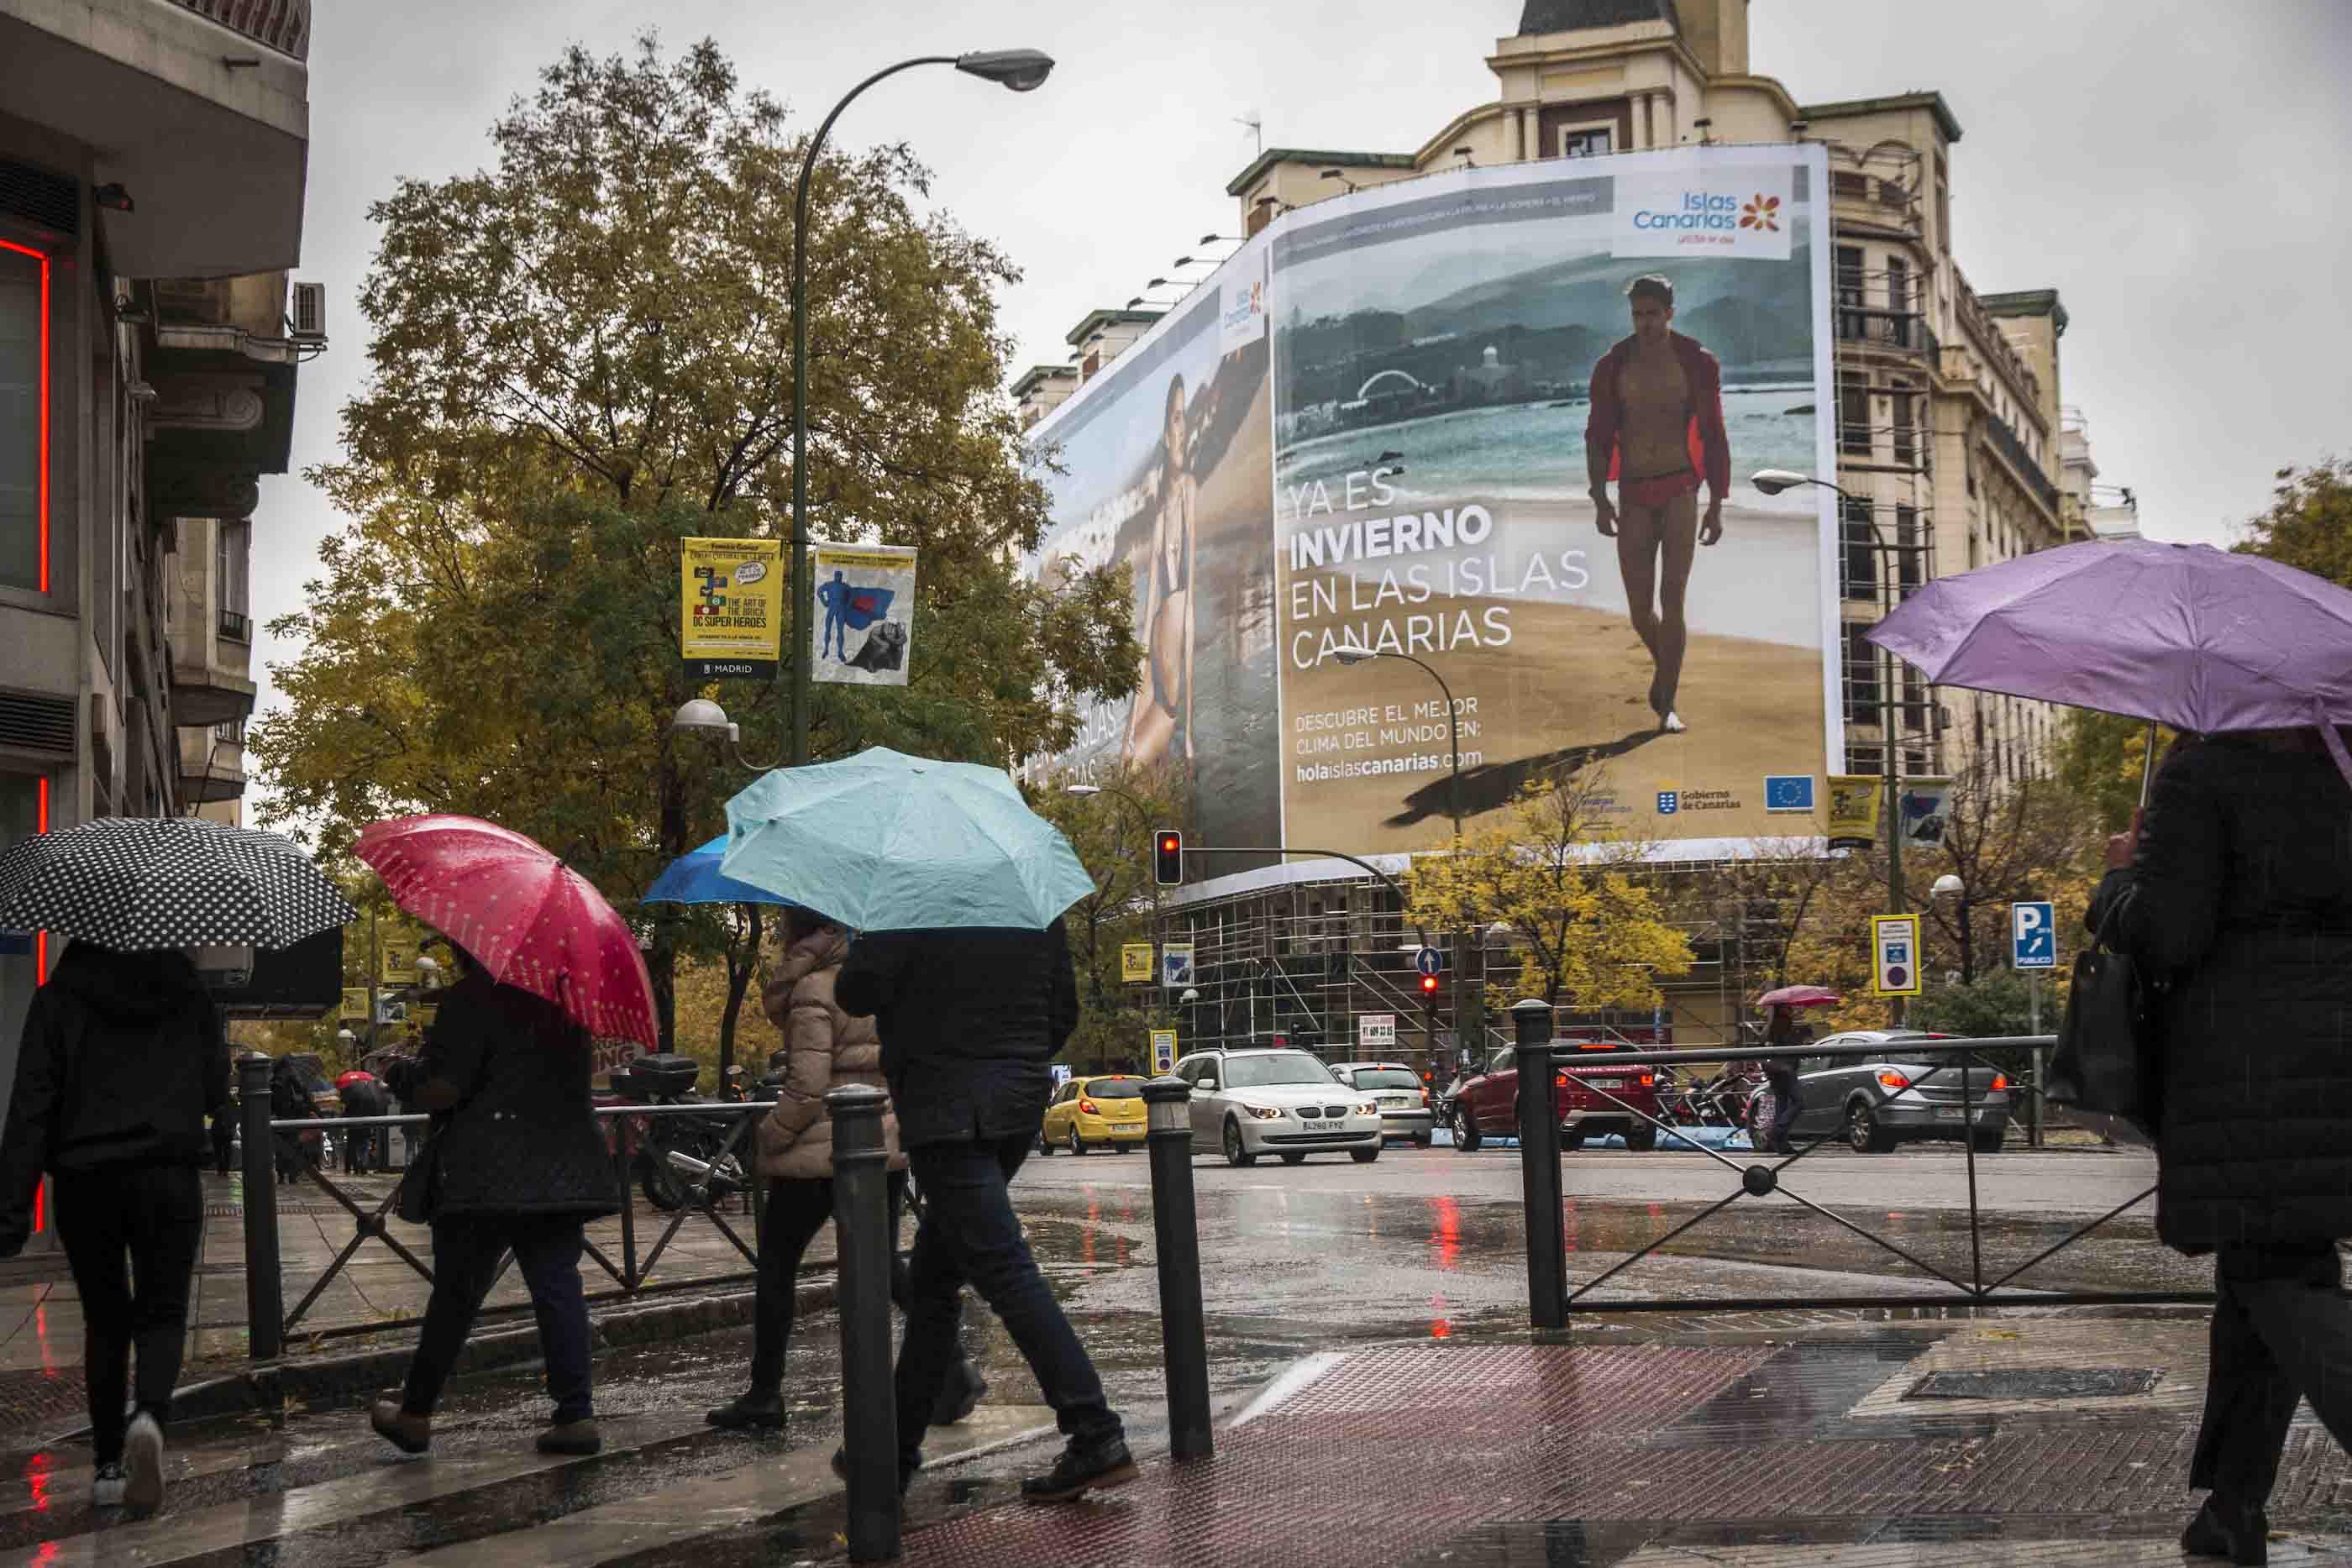 'Ya es invierno en las Islas Canarias' campaign